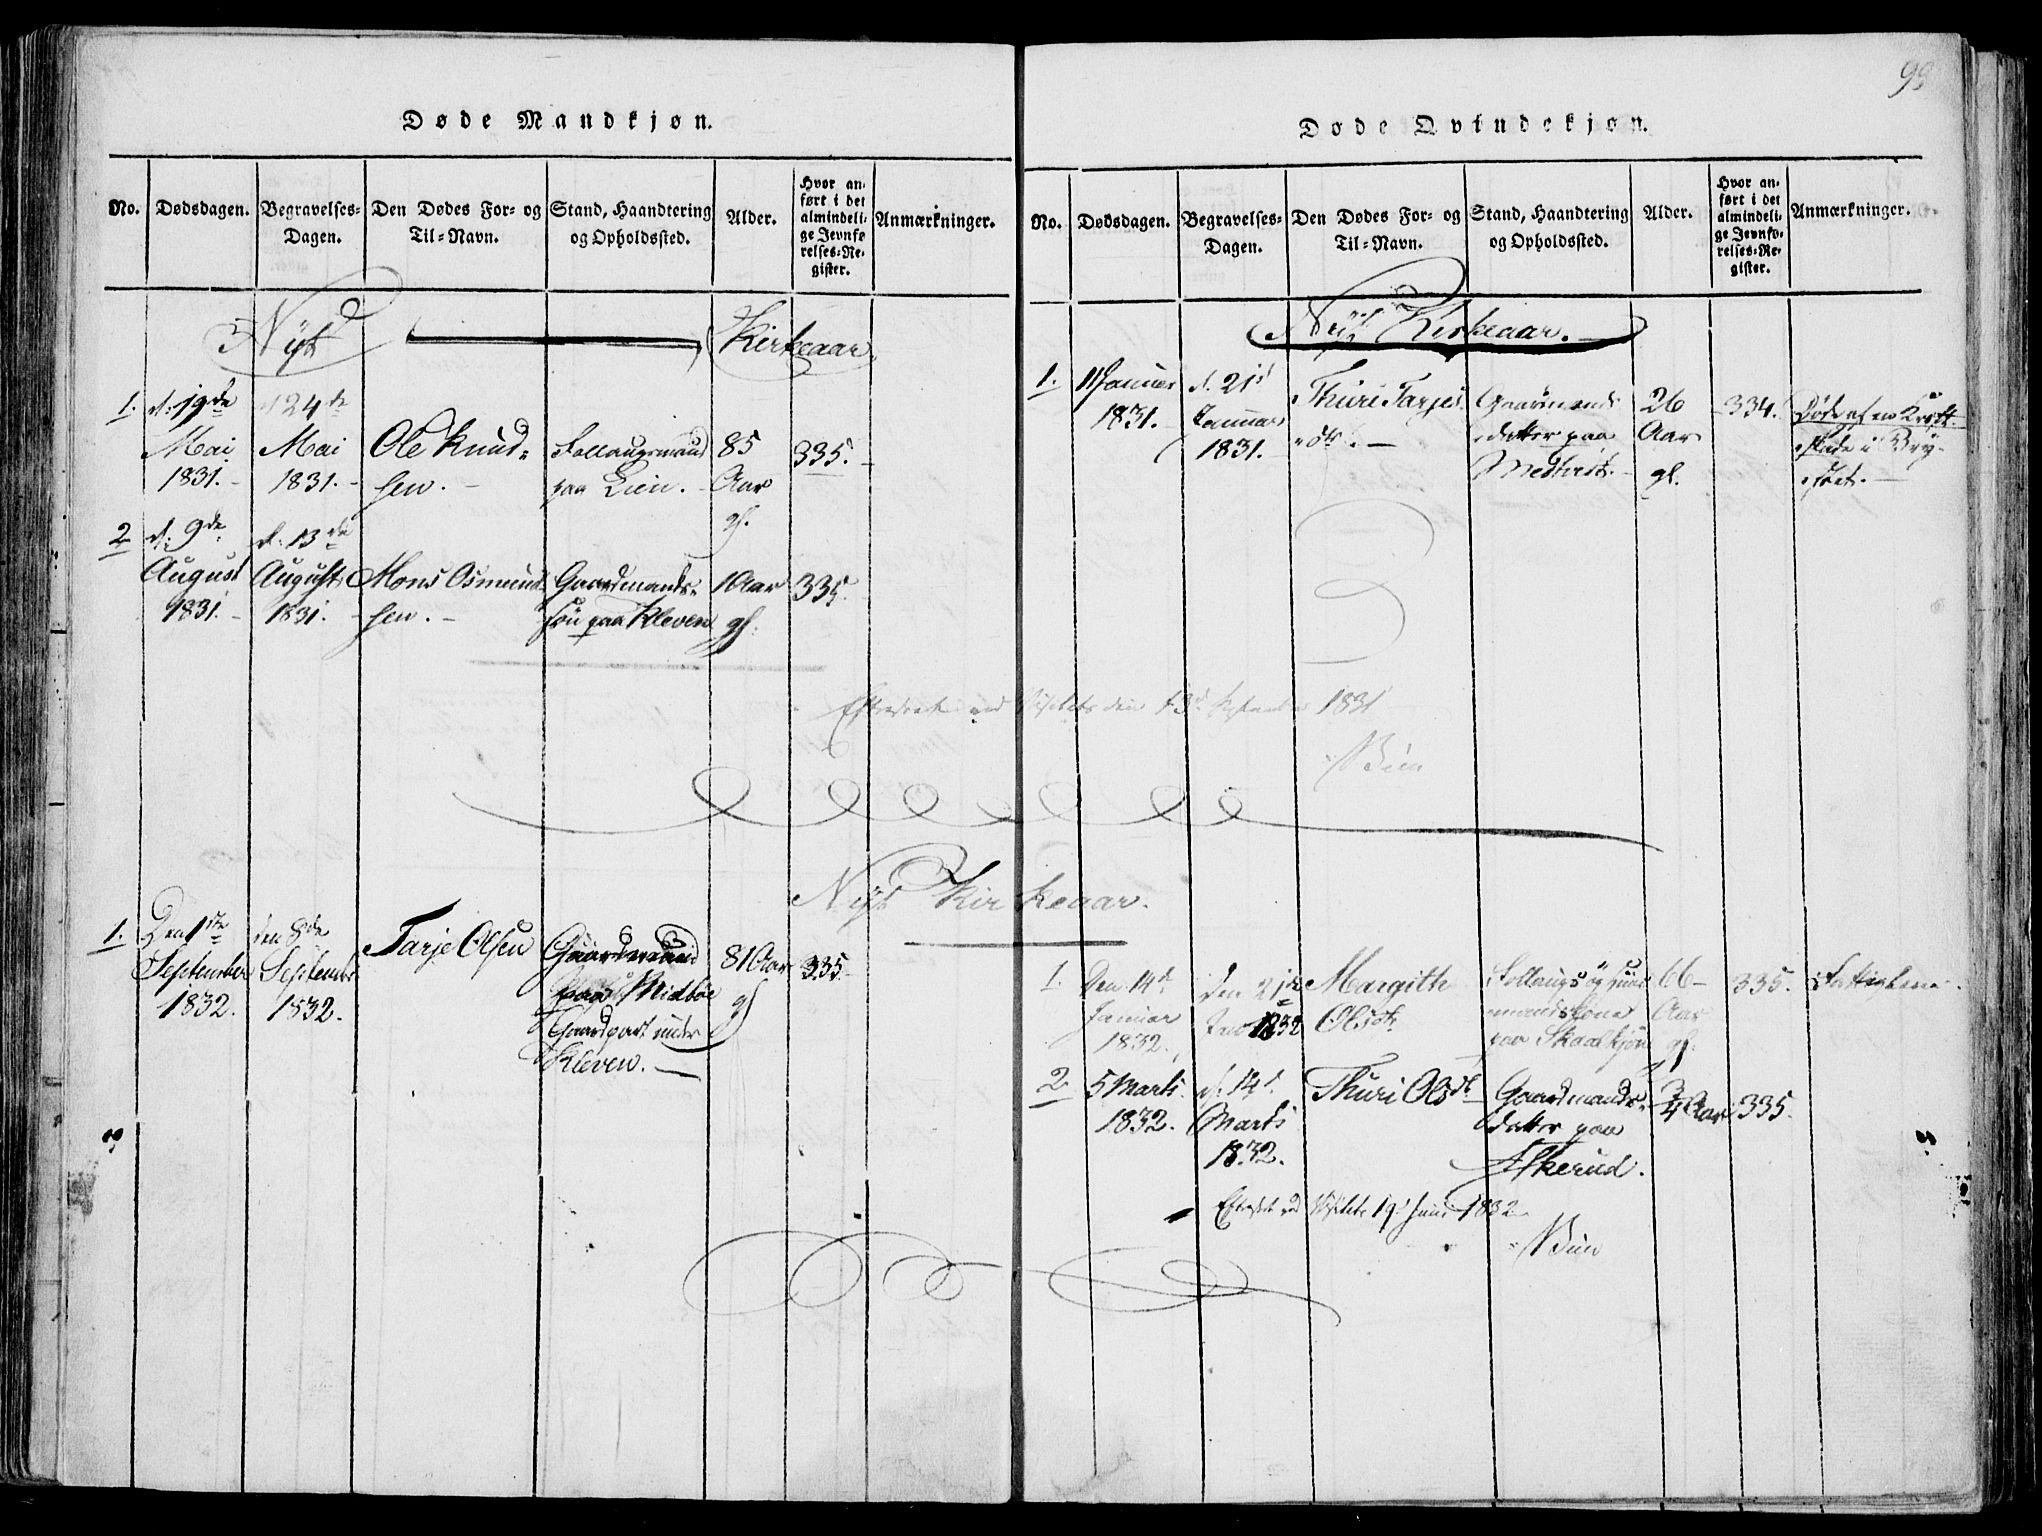 SAKO, Fyresdal kirkebøker, F/Fa/L0004: Ministerialbok nr. I 4, 1815-1854, s. 99